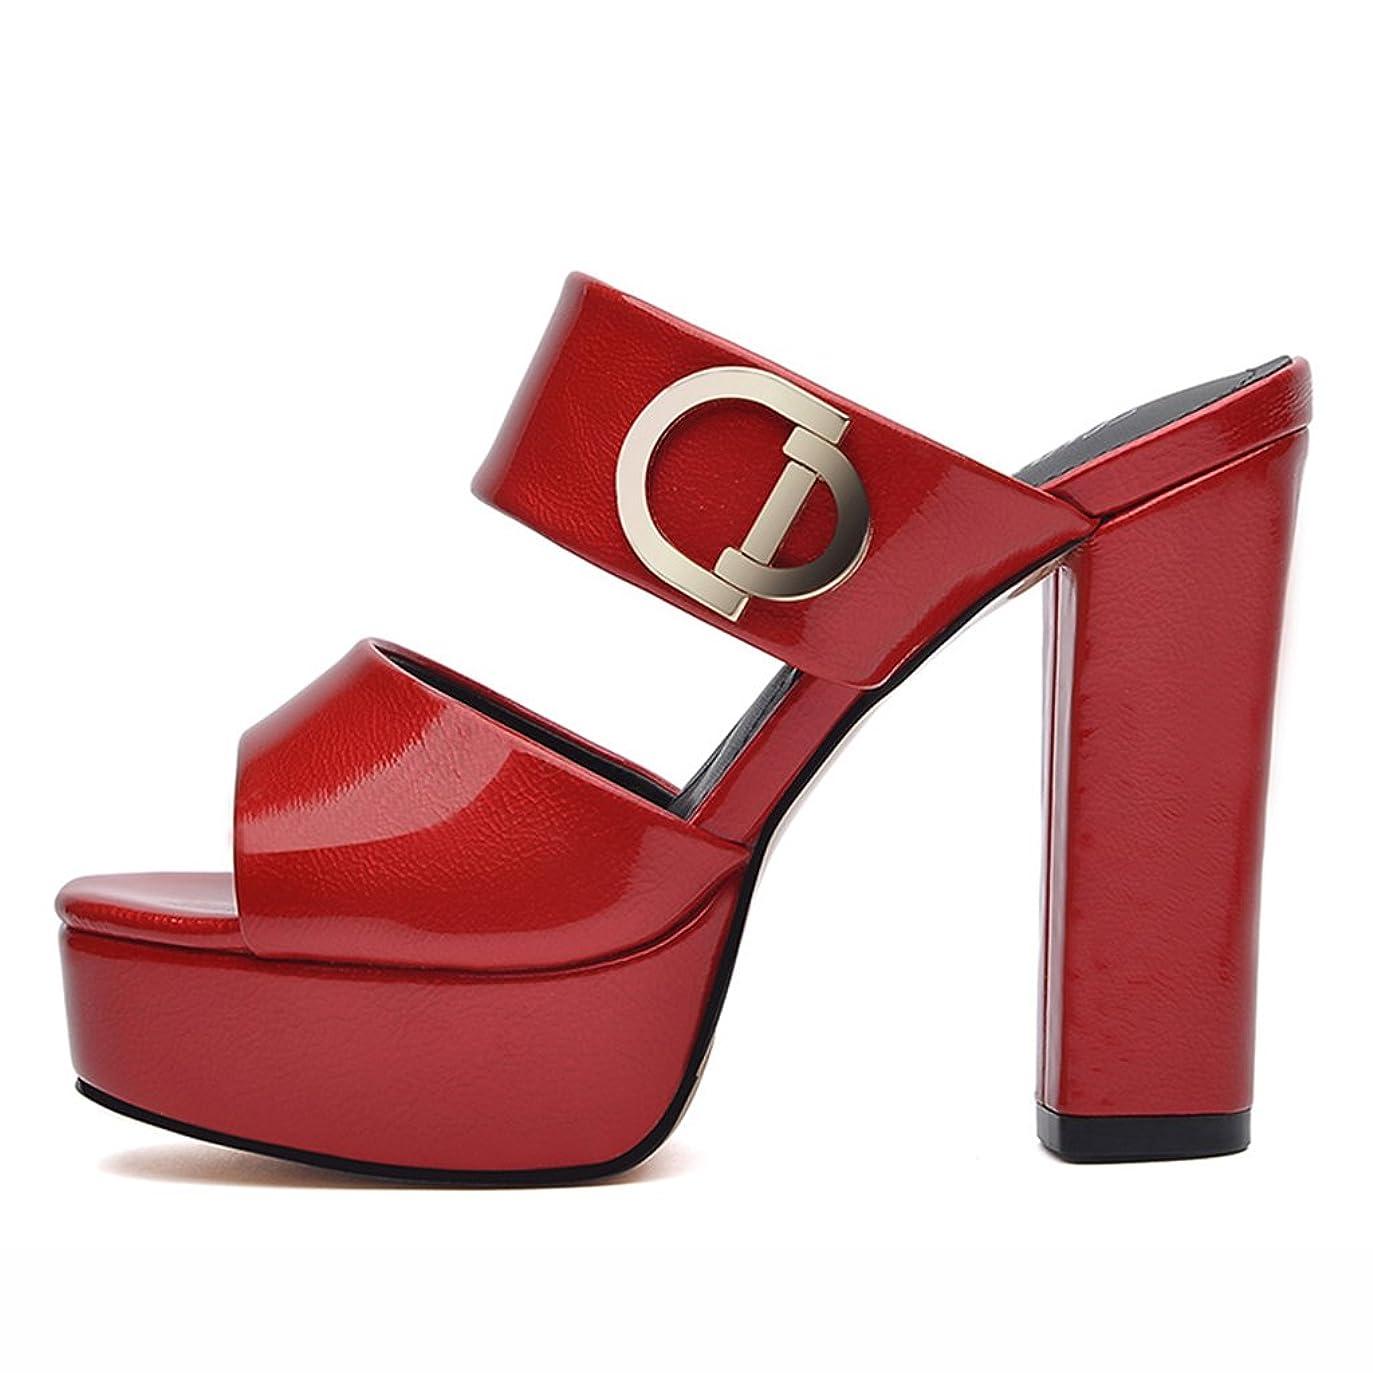 禁輸位置する手のひらHWF レディースシューズ サンダルスリッパファッションハイヒール女性夏の女性の靴Ms ( 色 : 赤 , サイズ さいず : 37 )